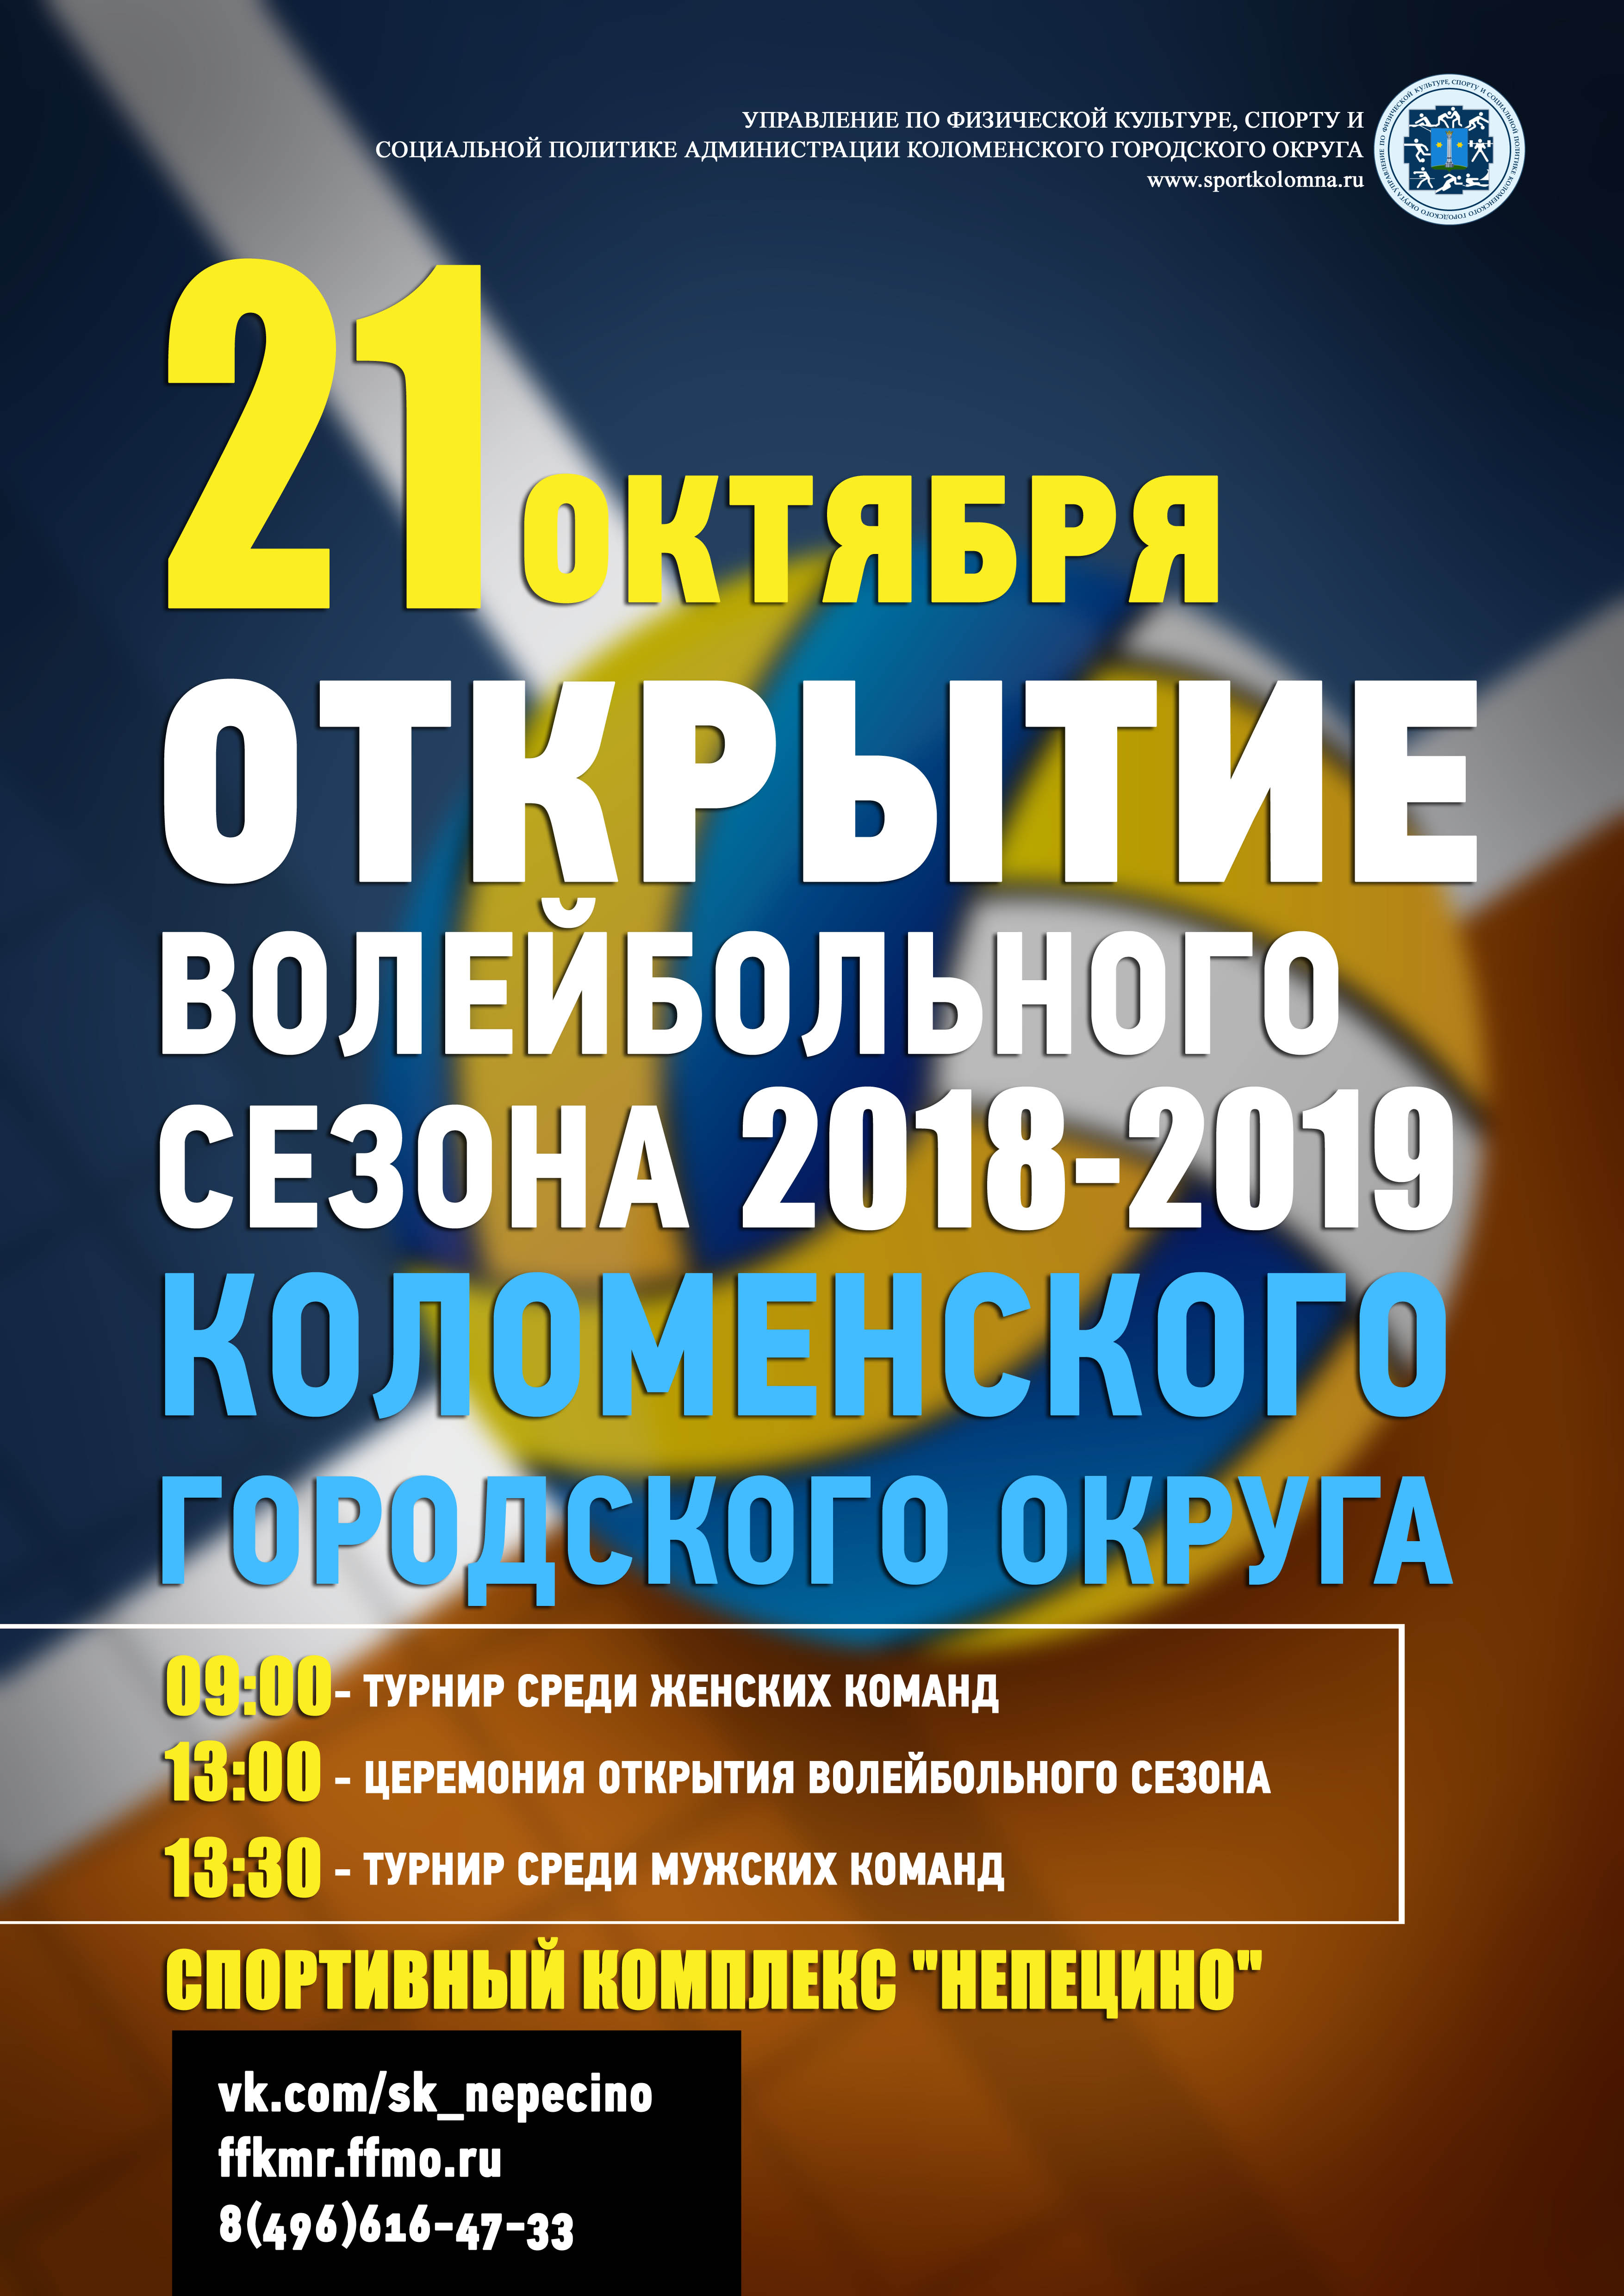 Открытие волейбольного сезона Коломенского городского округа